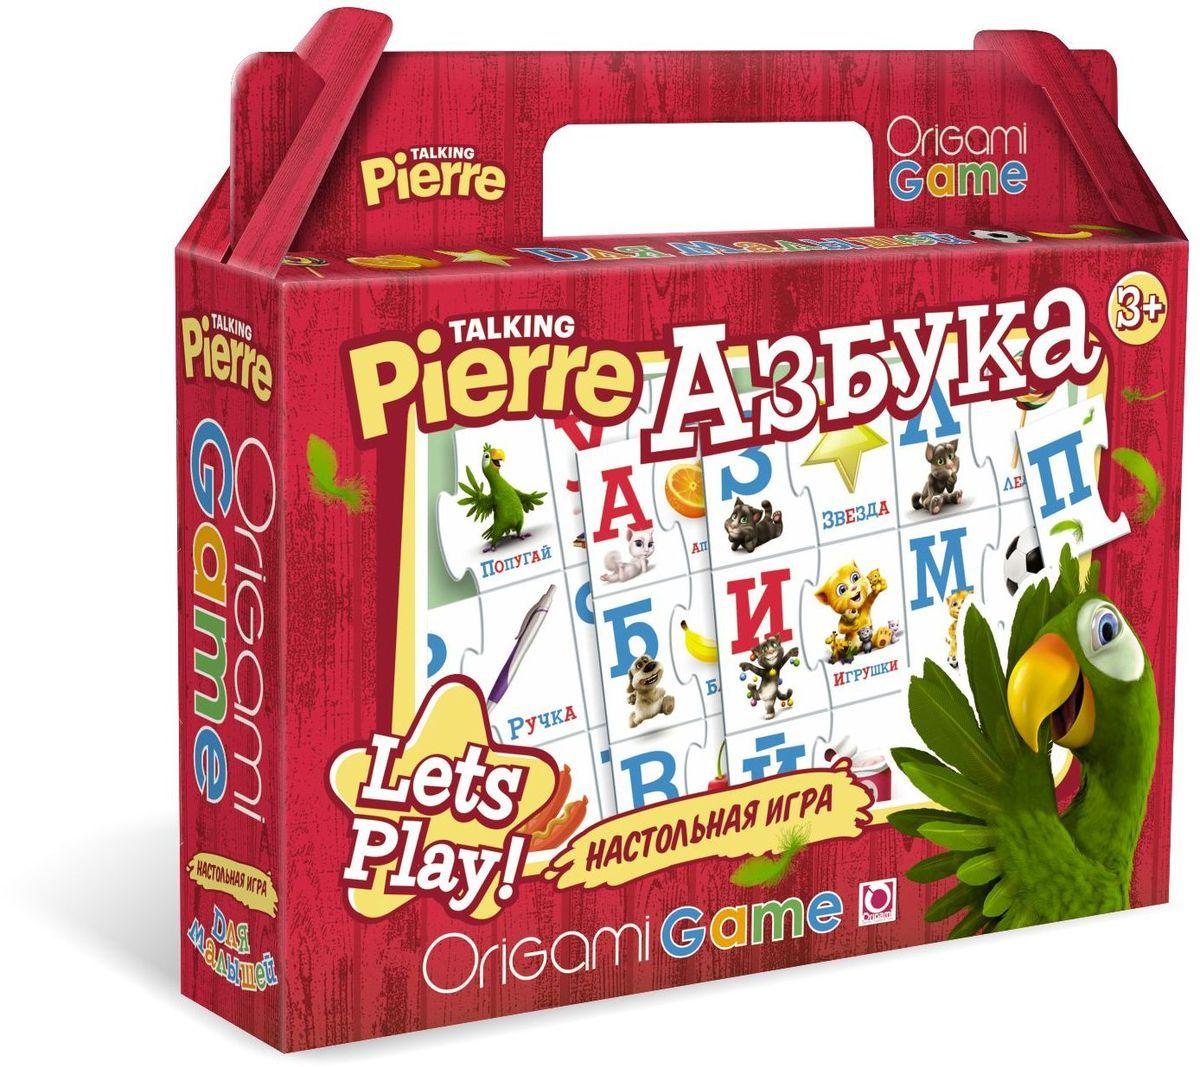 Оригами Обучающая игра Азбука 0098100981Увлекательная настольная игра «Азбука» познакомит ребенка с буквами русского алфавита. В набор входят парные карточки: буква и предмет, название которого начинается с этой буквы. Гласные буквы красного цвета, согласные - синего.Все карточки снабжены пазловыми замками, поэтому ребенок не сможет совершить ошибку в решении и совместить неподходящие друг другу детали.Размер пазла 34х23.Рекомендуемый возраст 3+